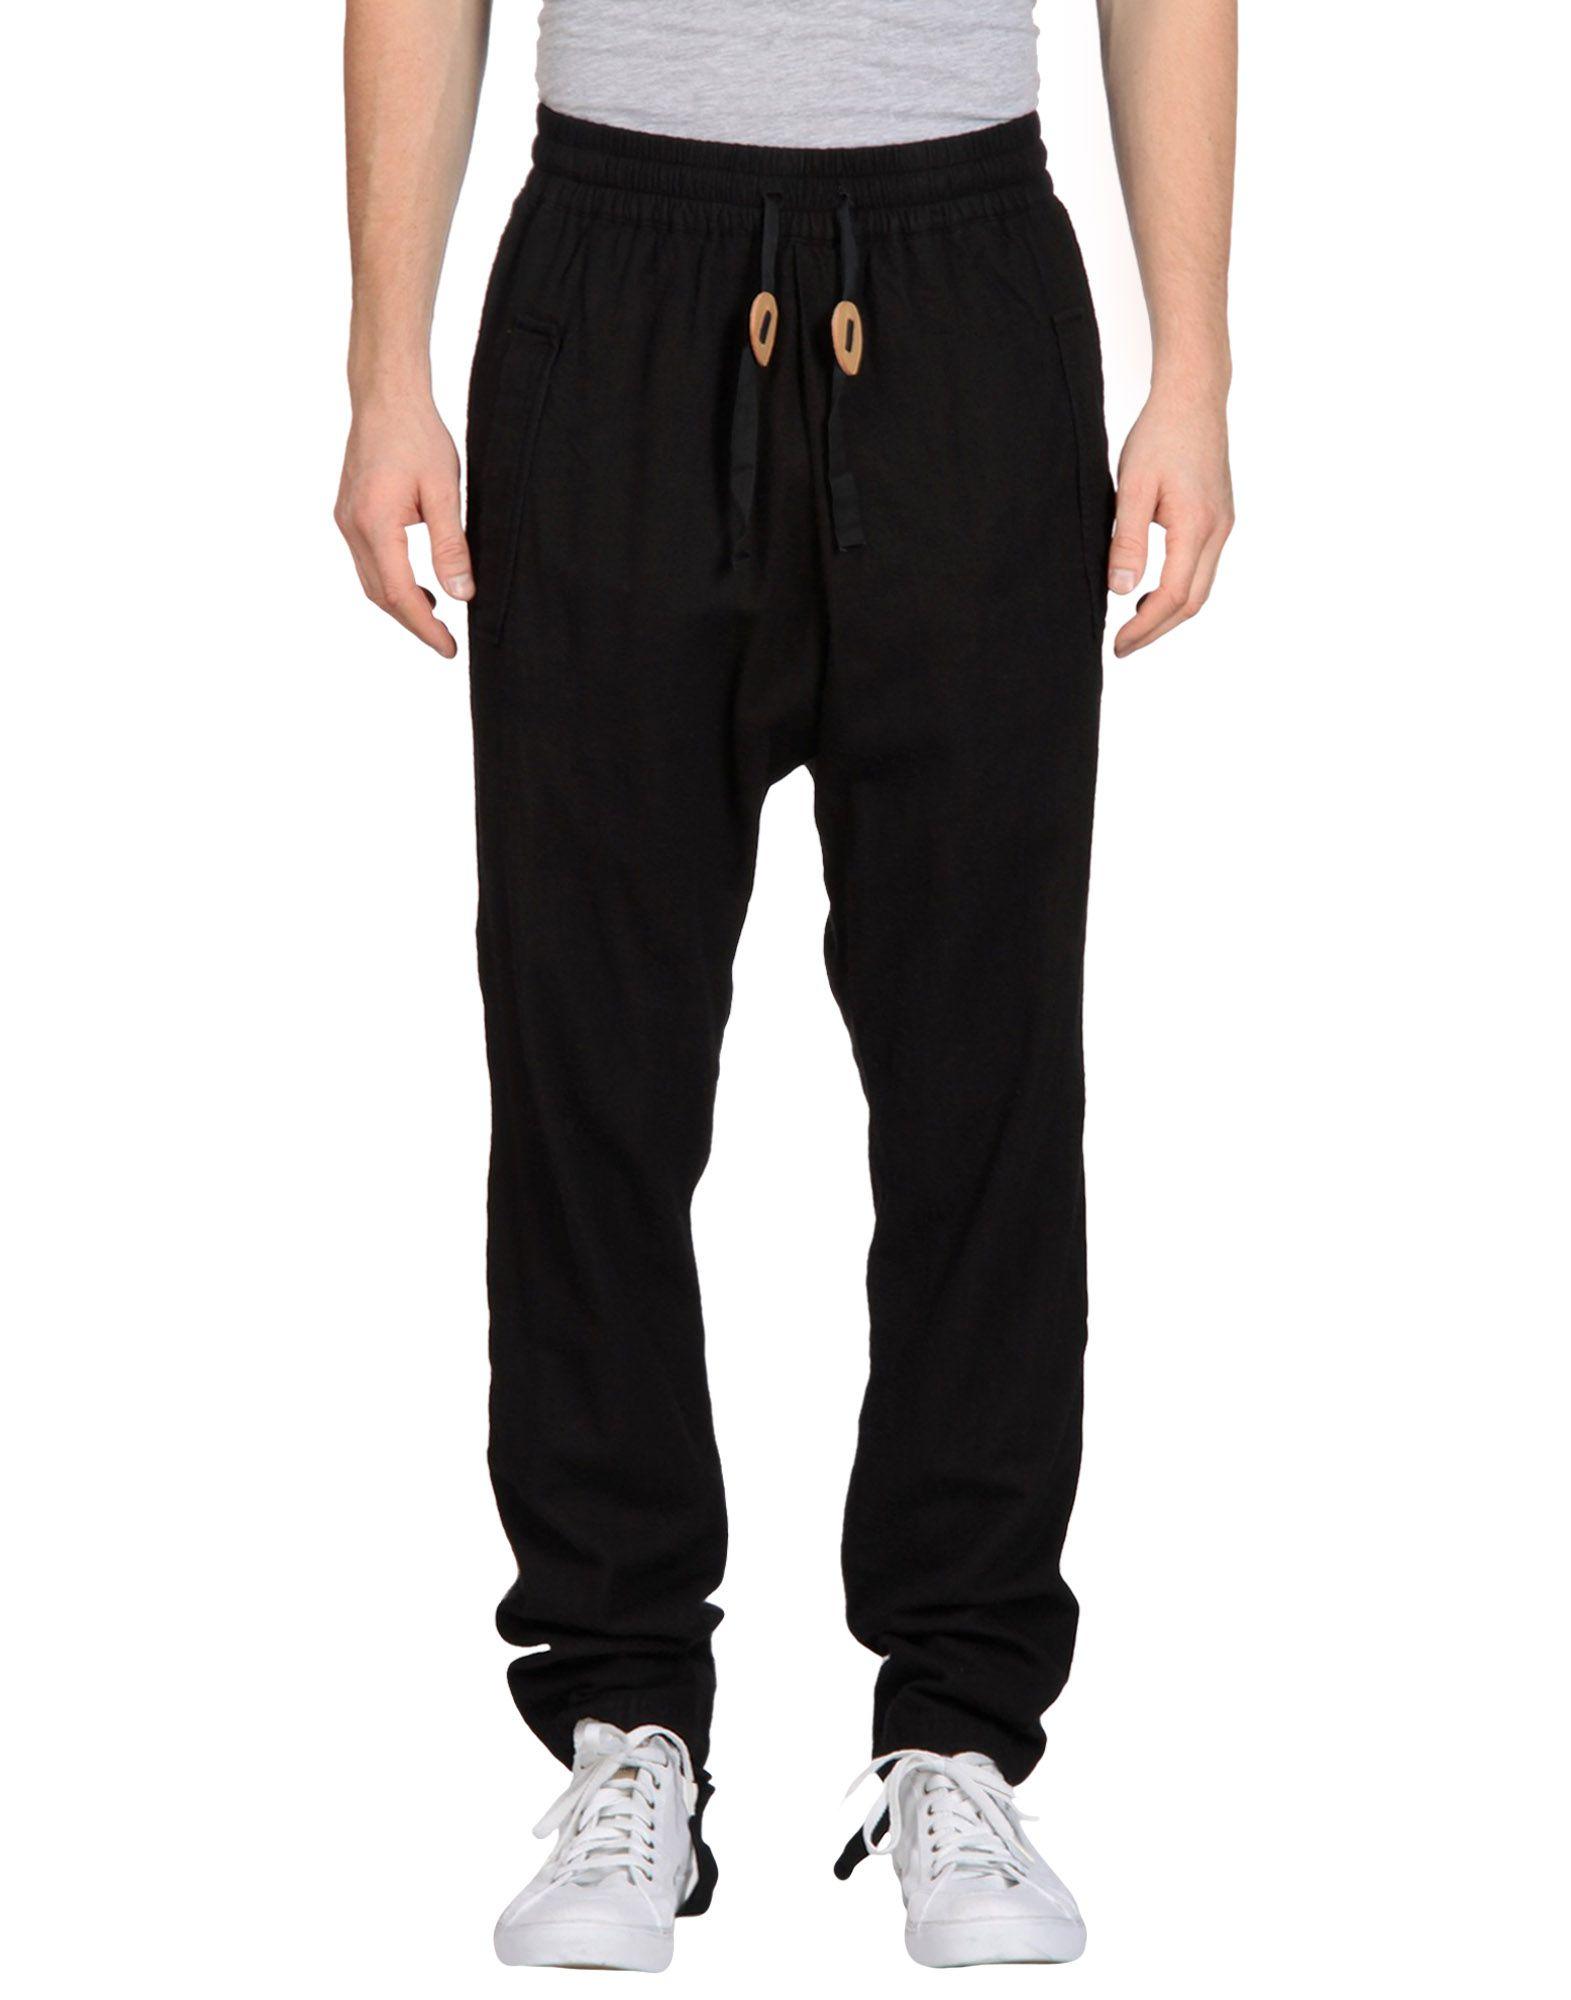 Silent - Damir Doma Skinny Fit Jeans in Black for Men